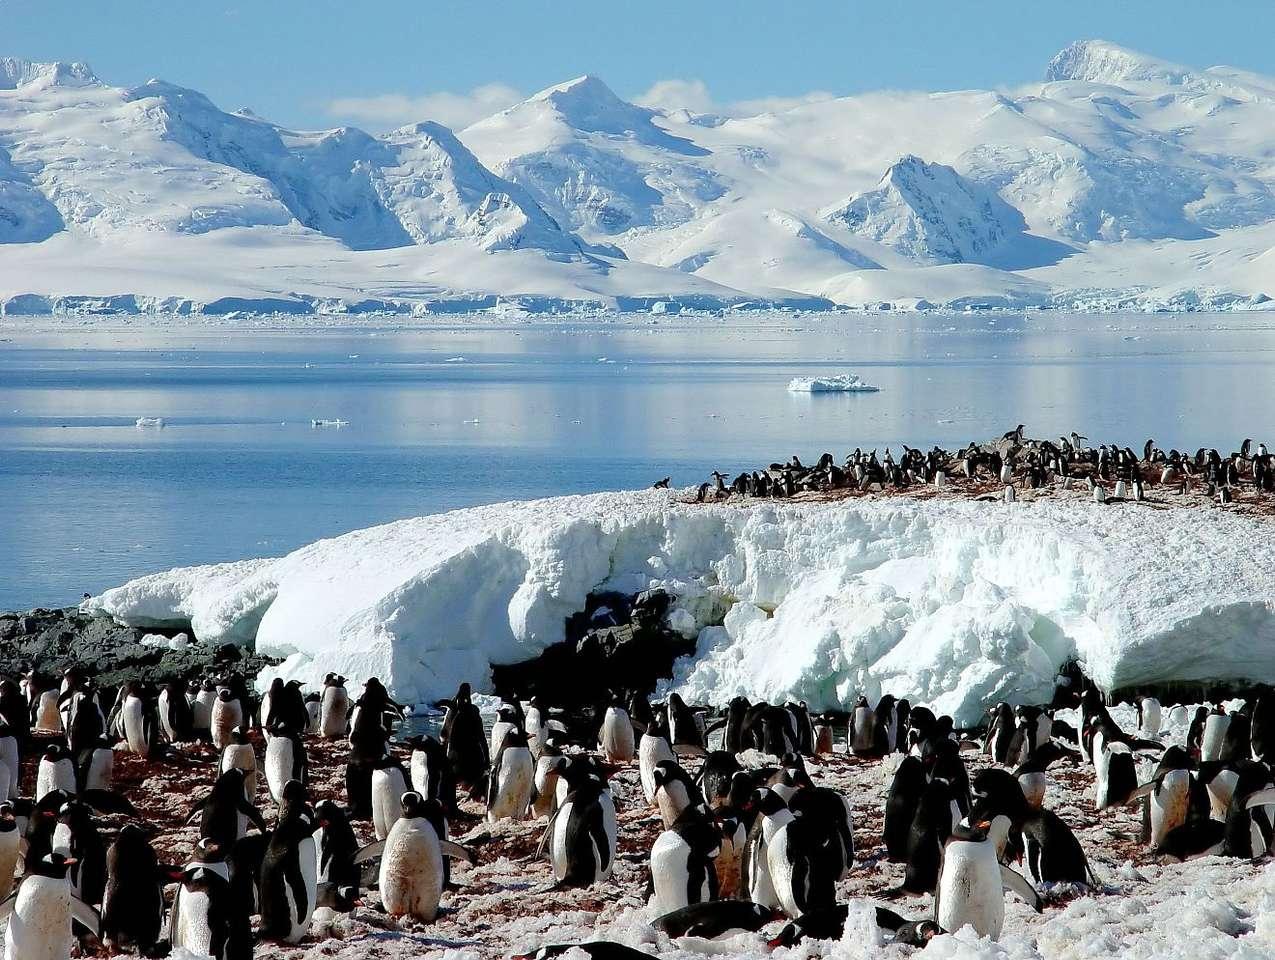 Pingwiny antarktyczne - Pingwiny antarktyczne (inaczej pingwiny maskowe) to średniej wielkości ptaki z rodziny pingwinów, zamieszkujące zimne morza wokół Antarktydy, Szetlandów Południowych, Wysp Bouveta, Orkadów Po (10×7)